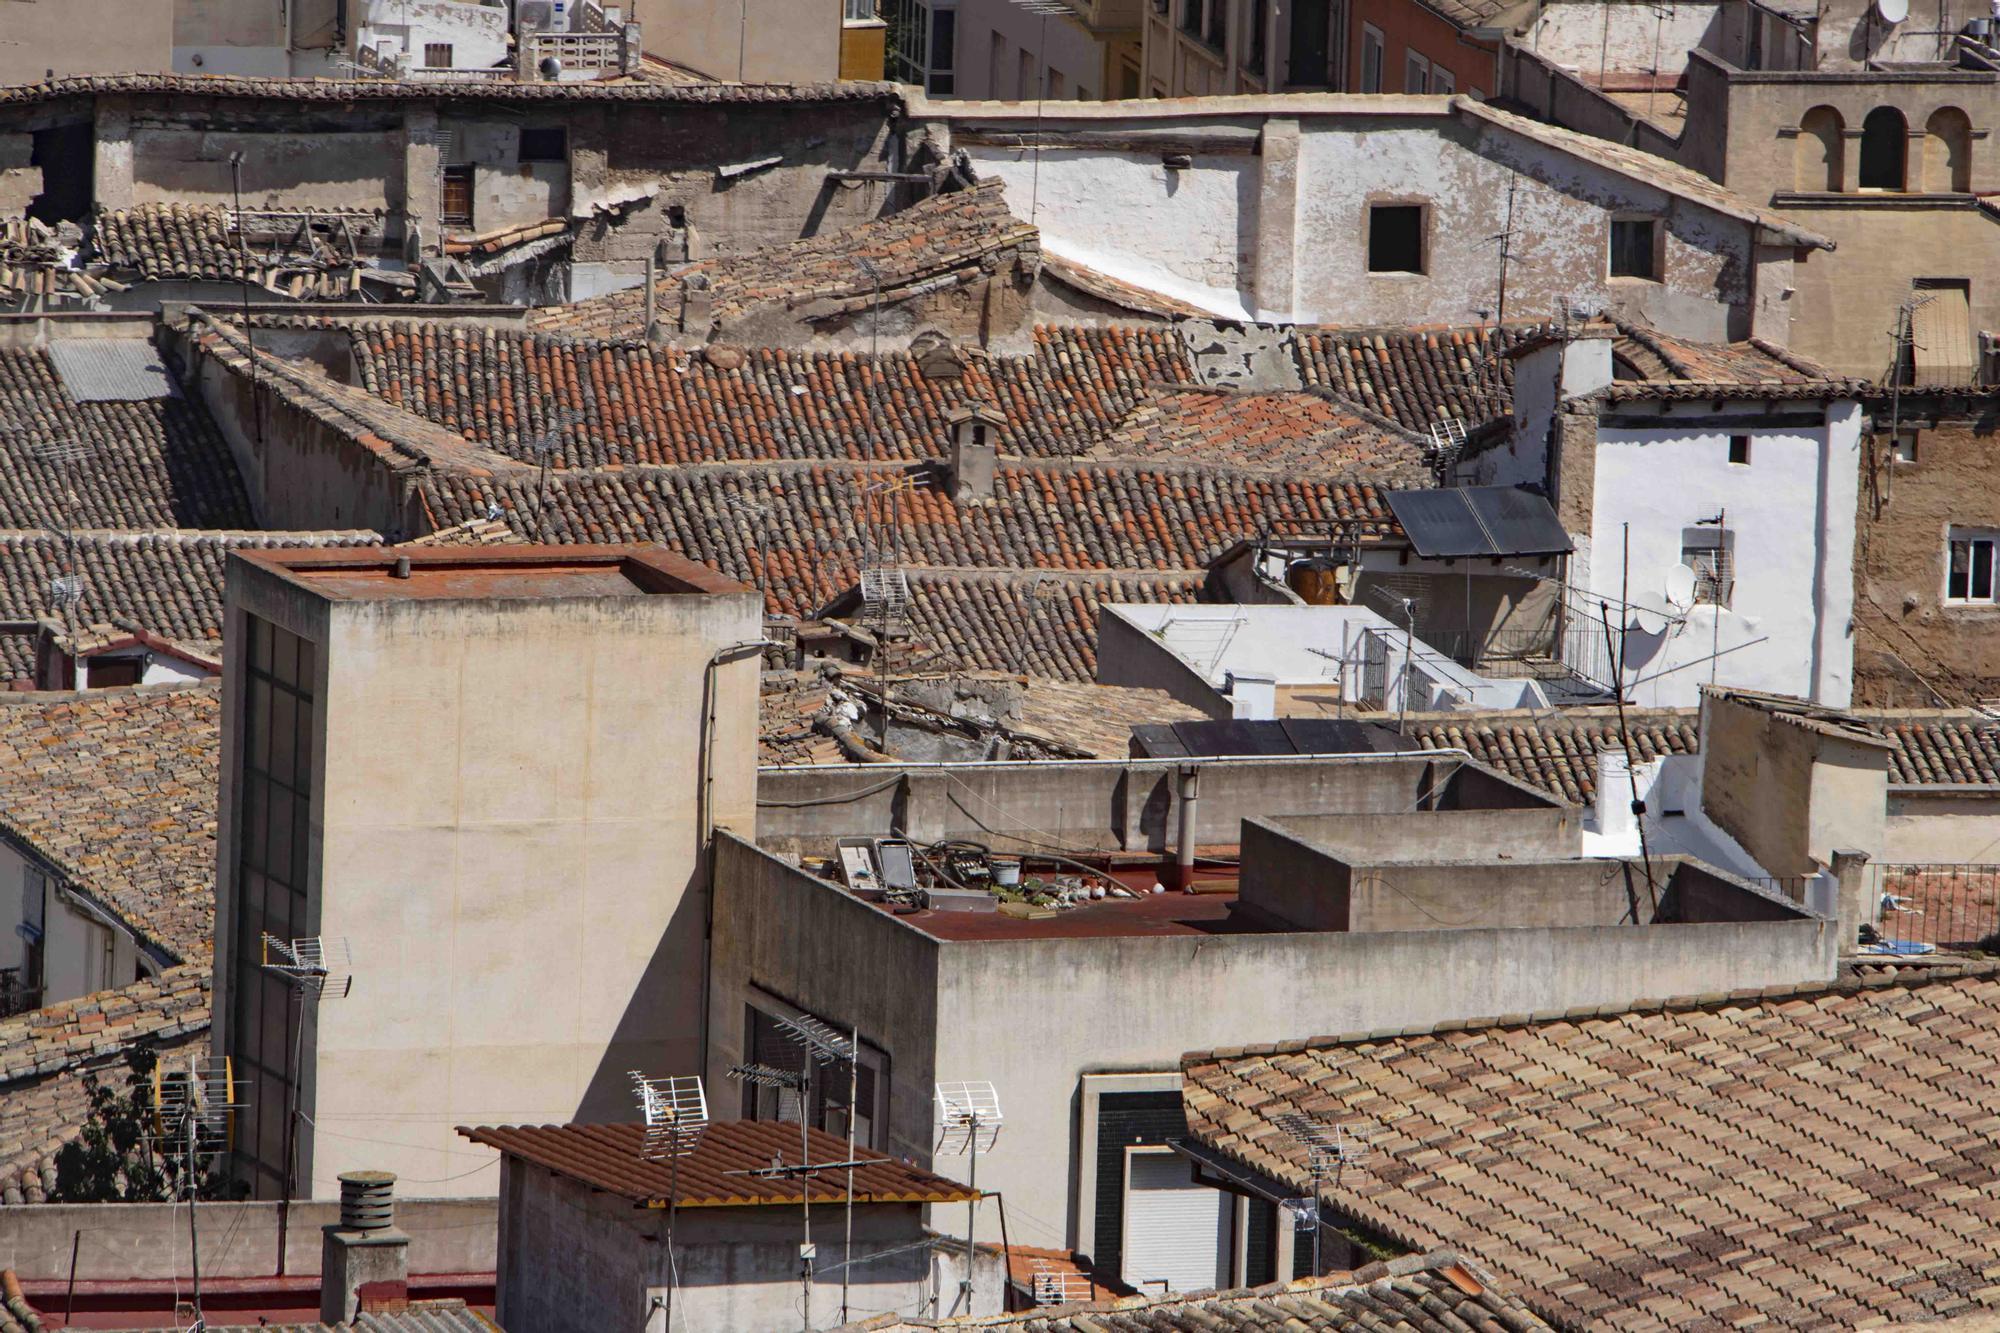 Sobrevuelan con un dron el casco antiguo de Xàtiva para identificar inmuebles en mal estado